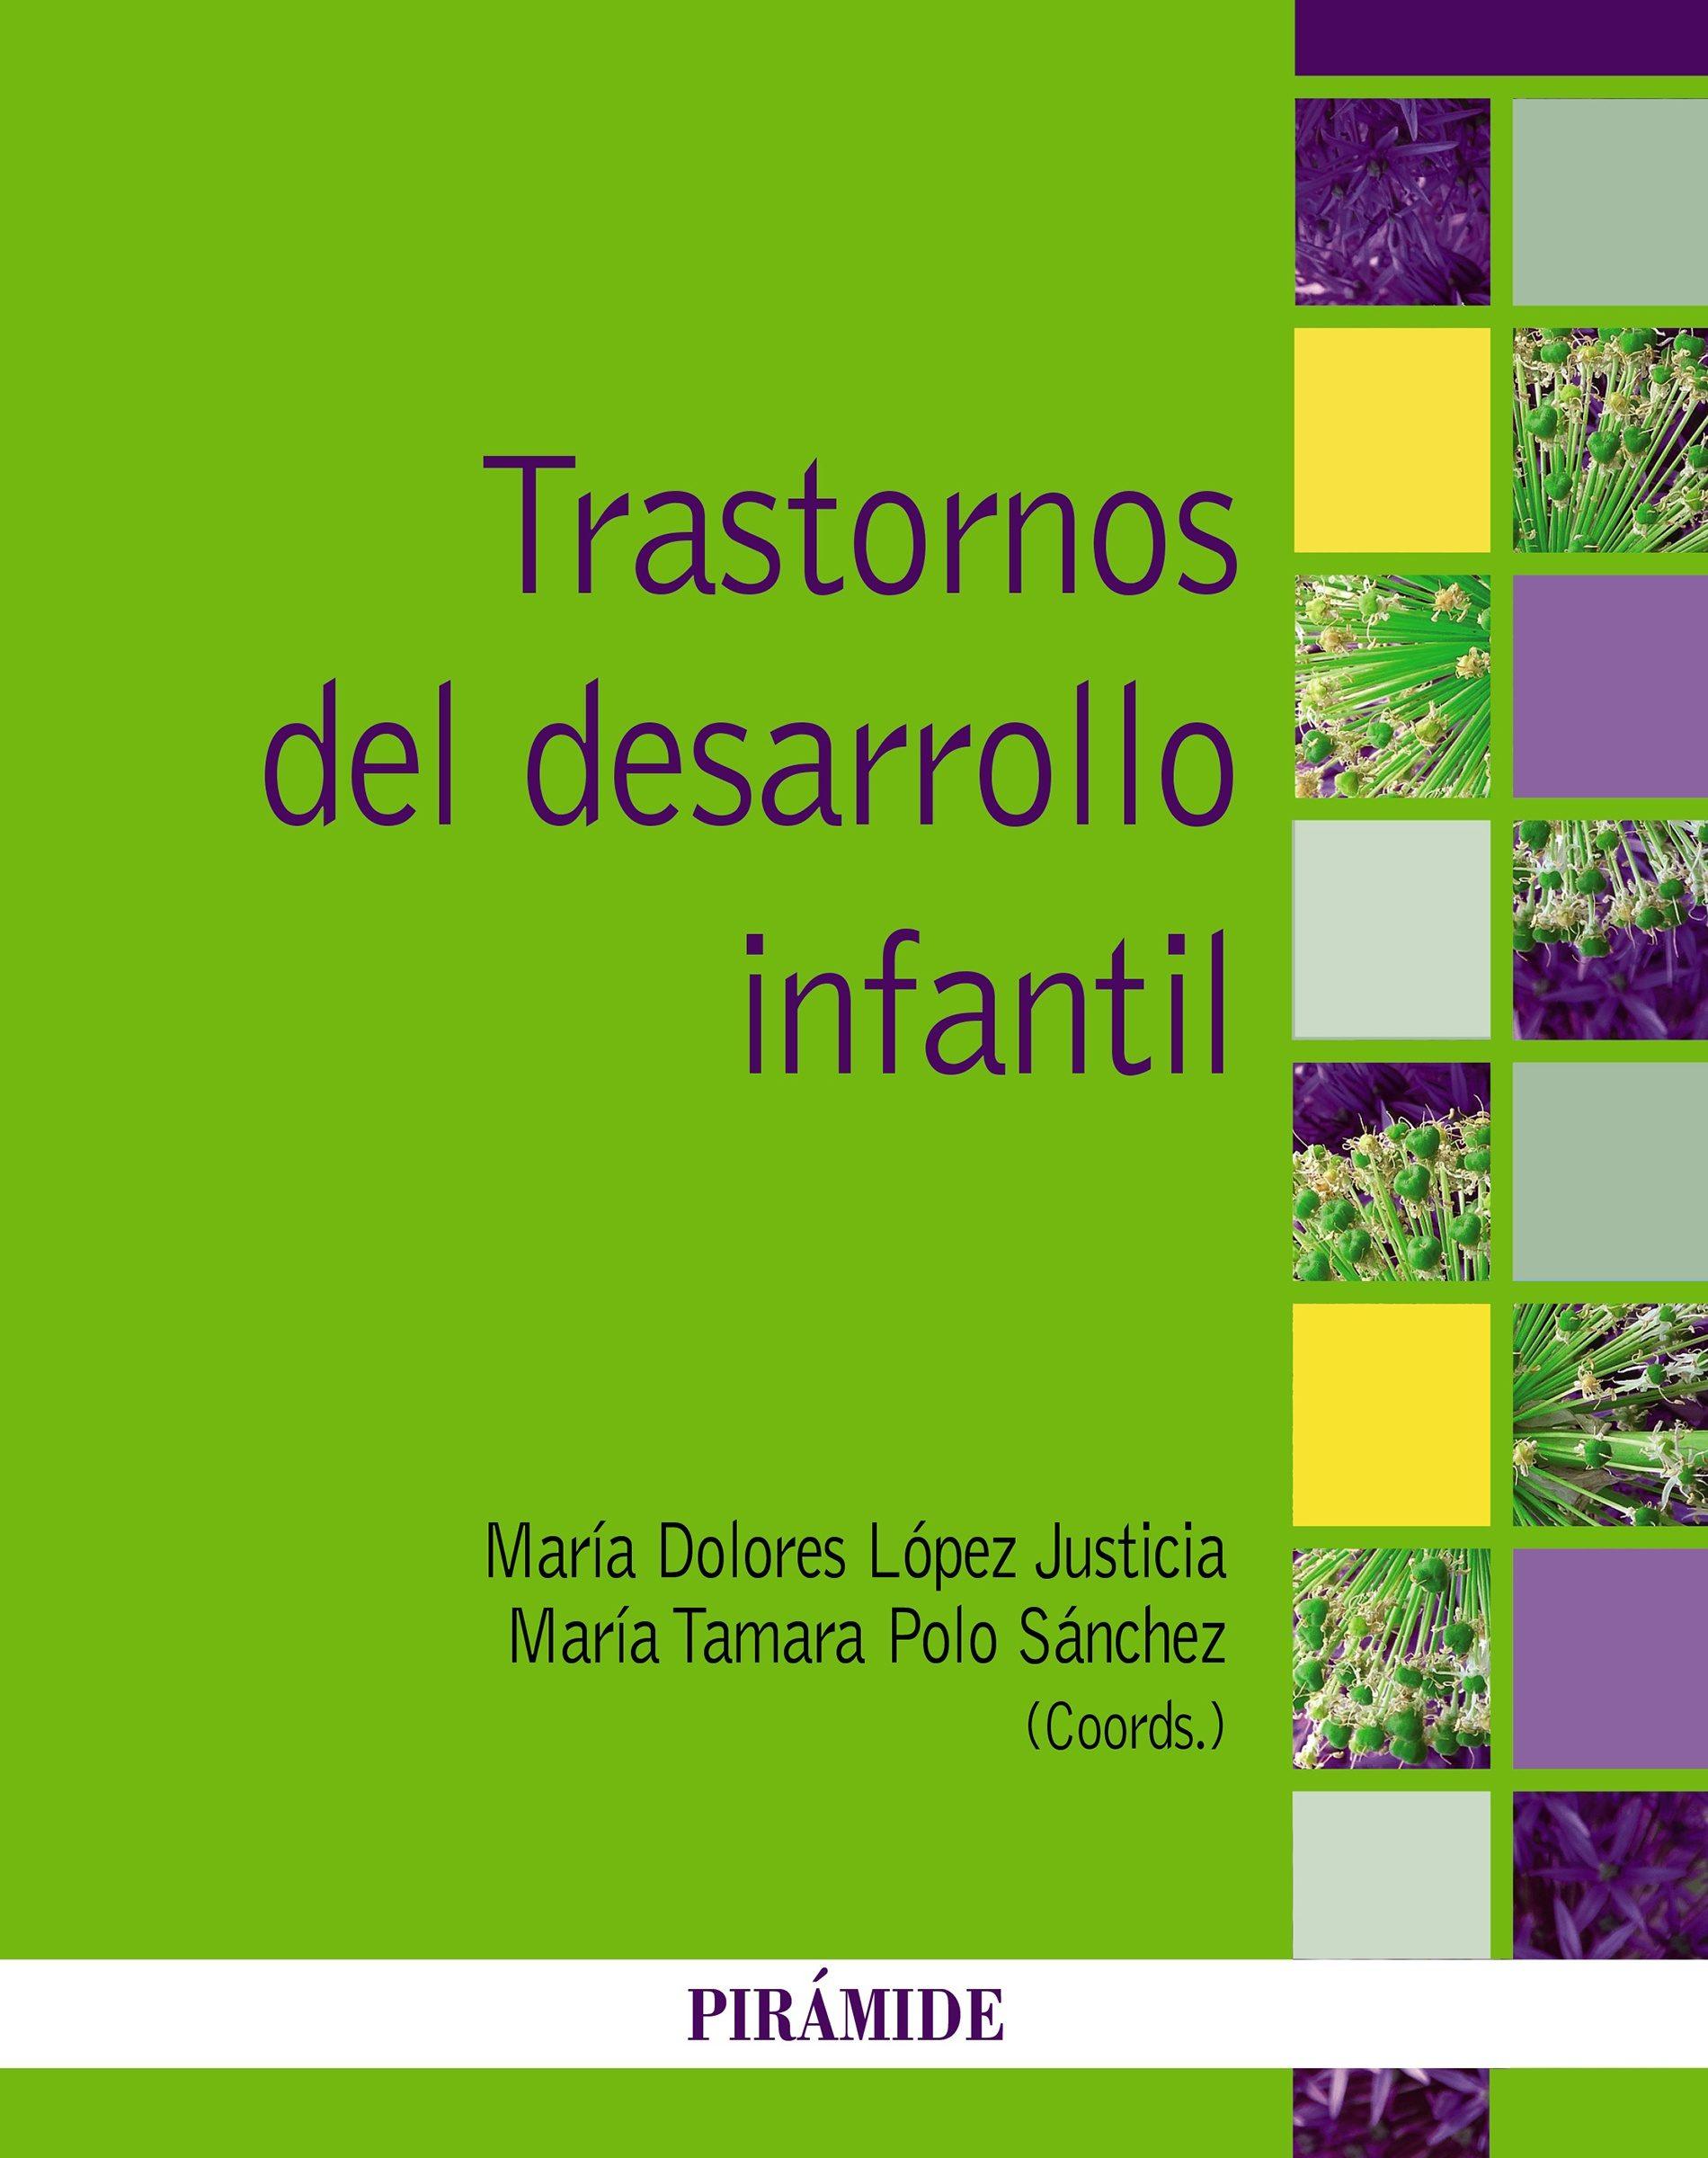 TRASTORNOS DEL DESARROLLO INFANTIL (EBOOK)